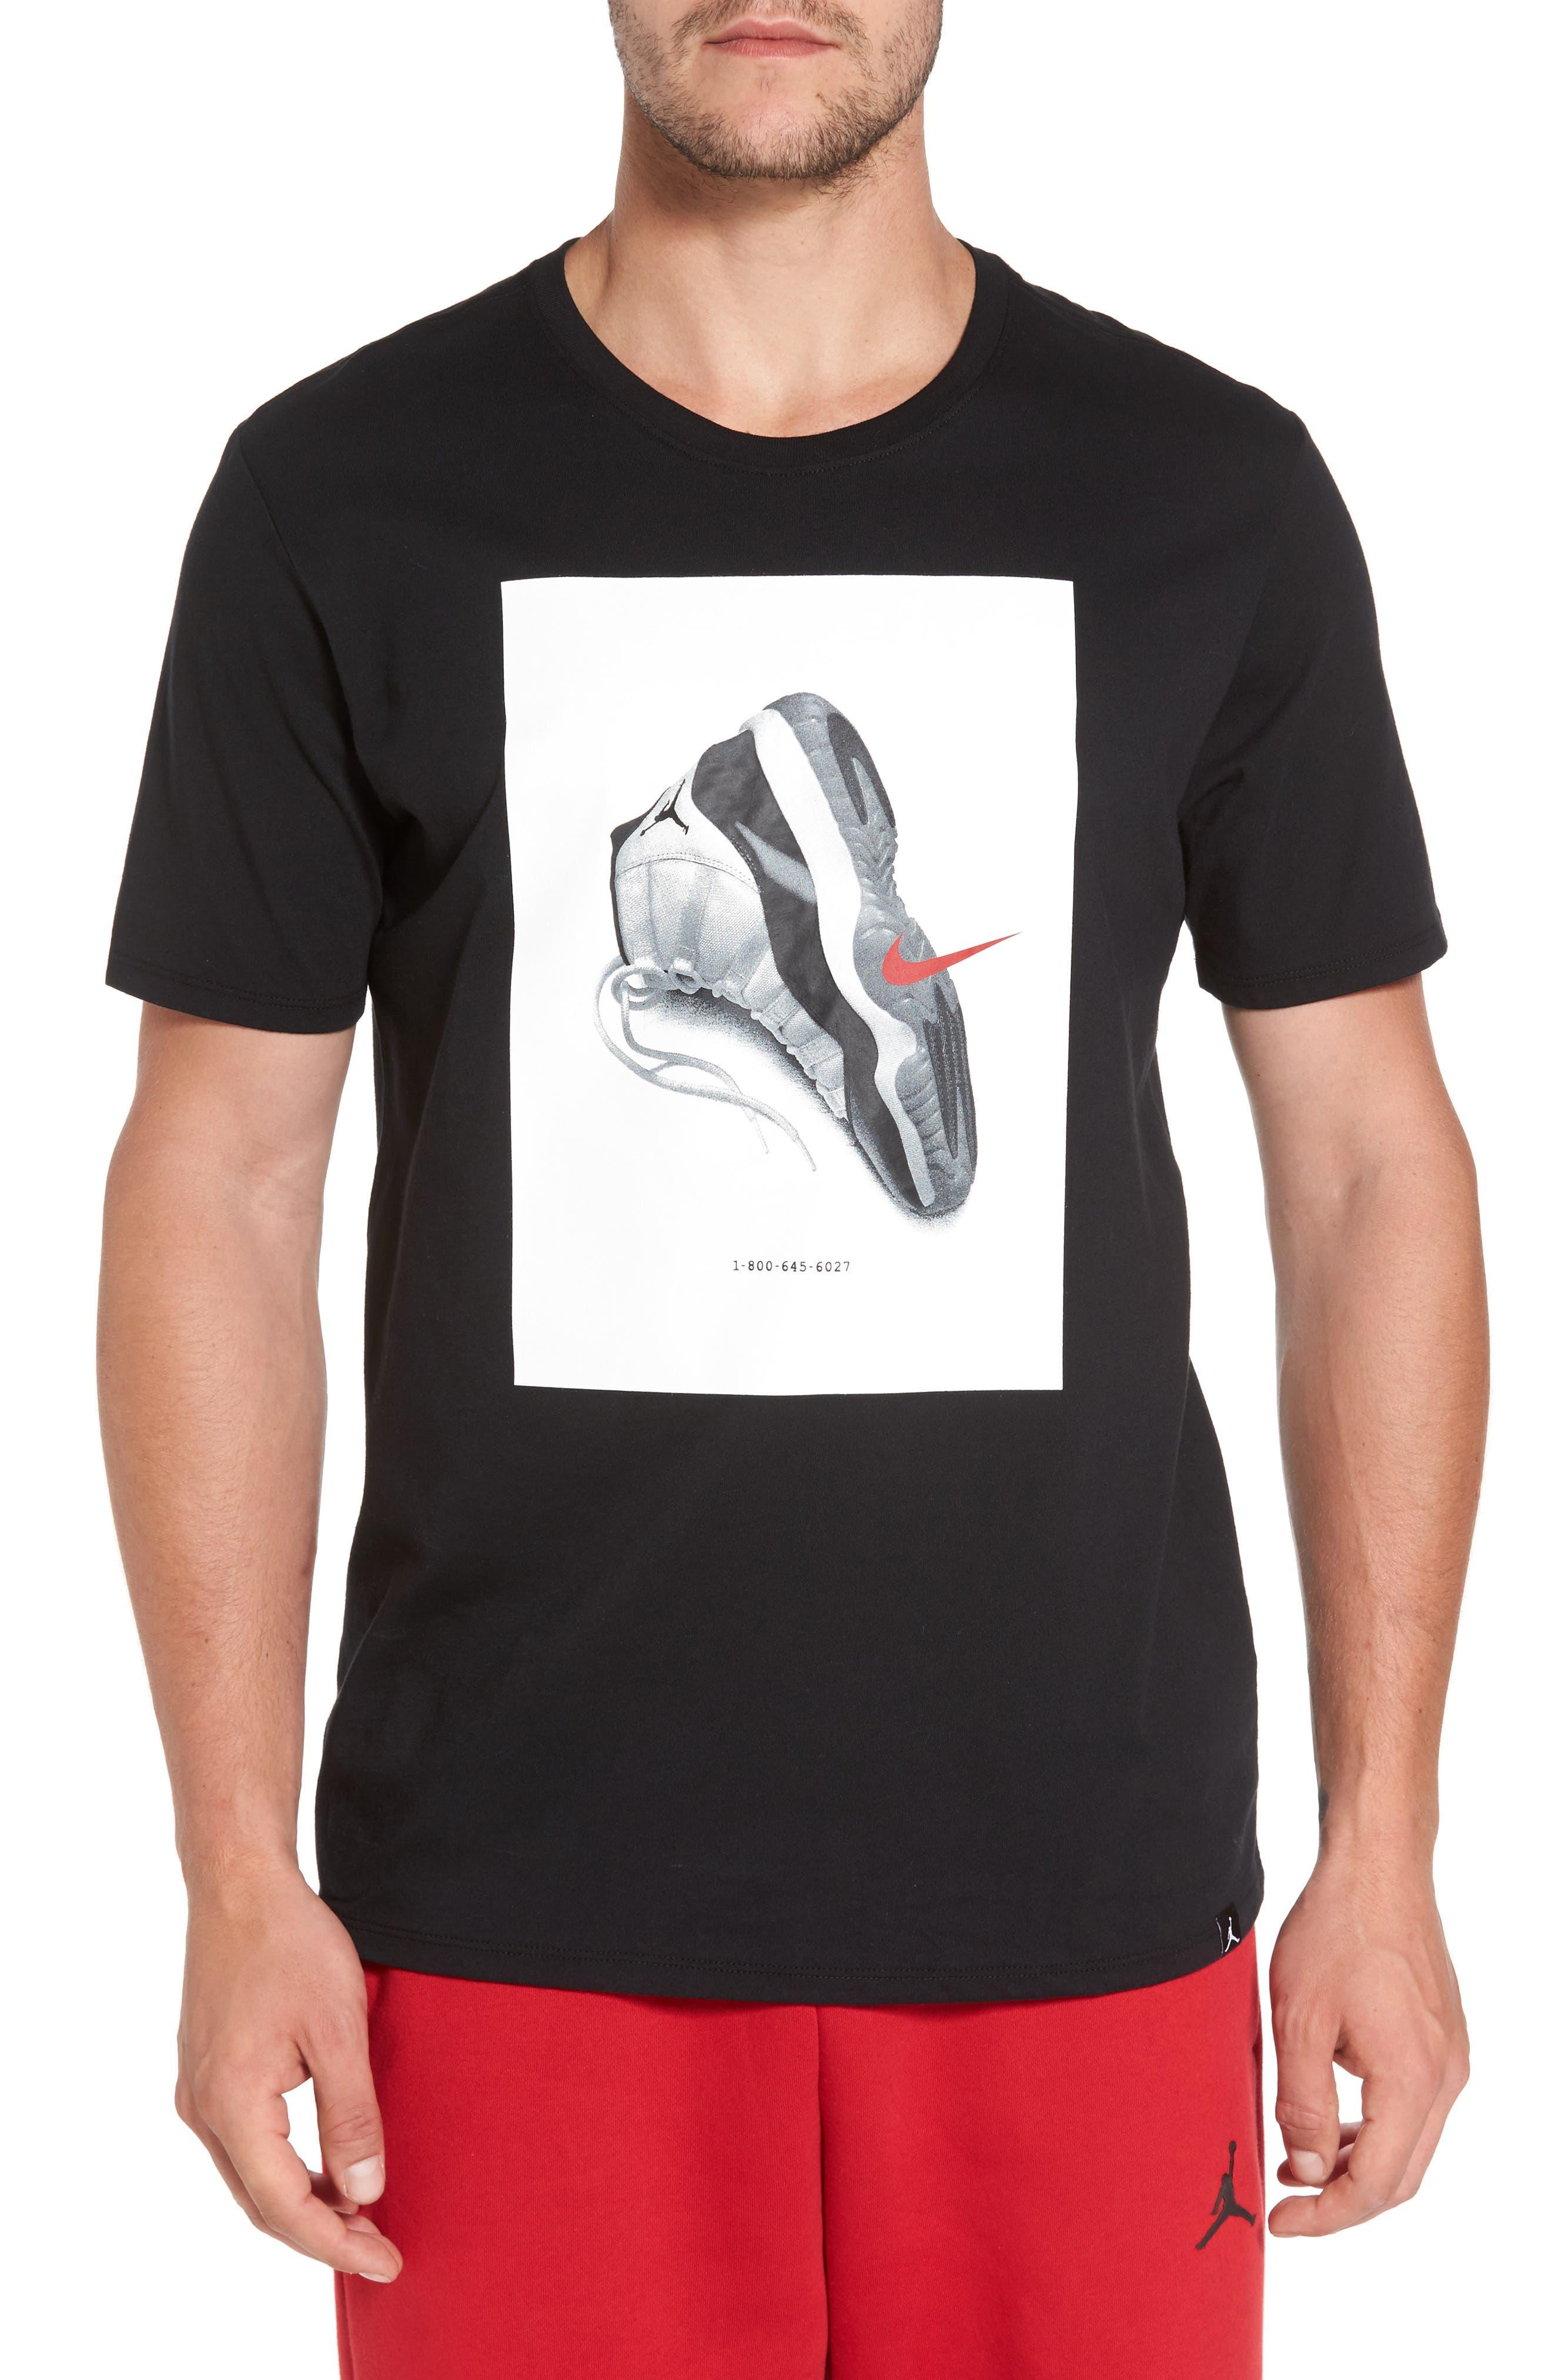 Sportswear AJ11 CNXN Graphic T-Shirt,                             Main thumbnail 1, color,                             Black